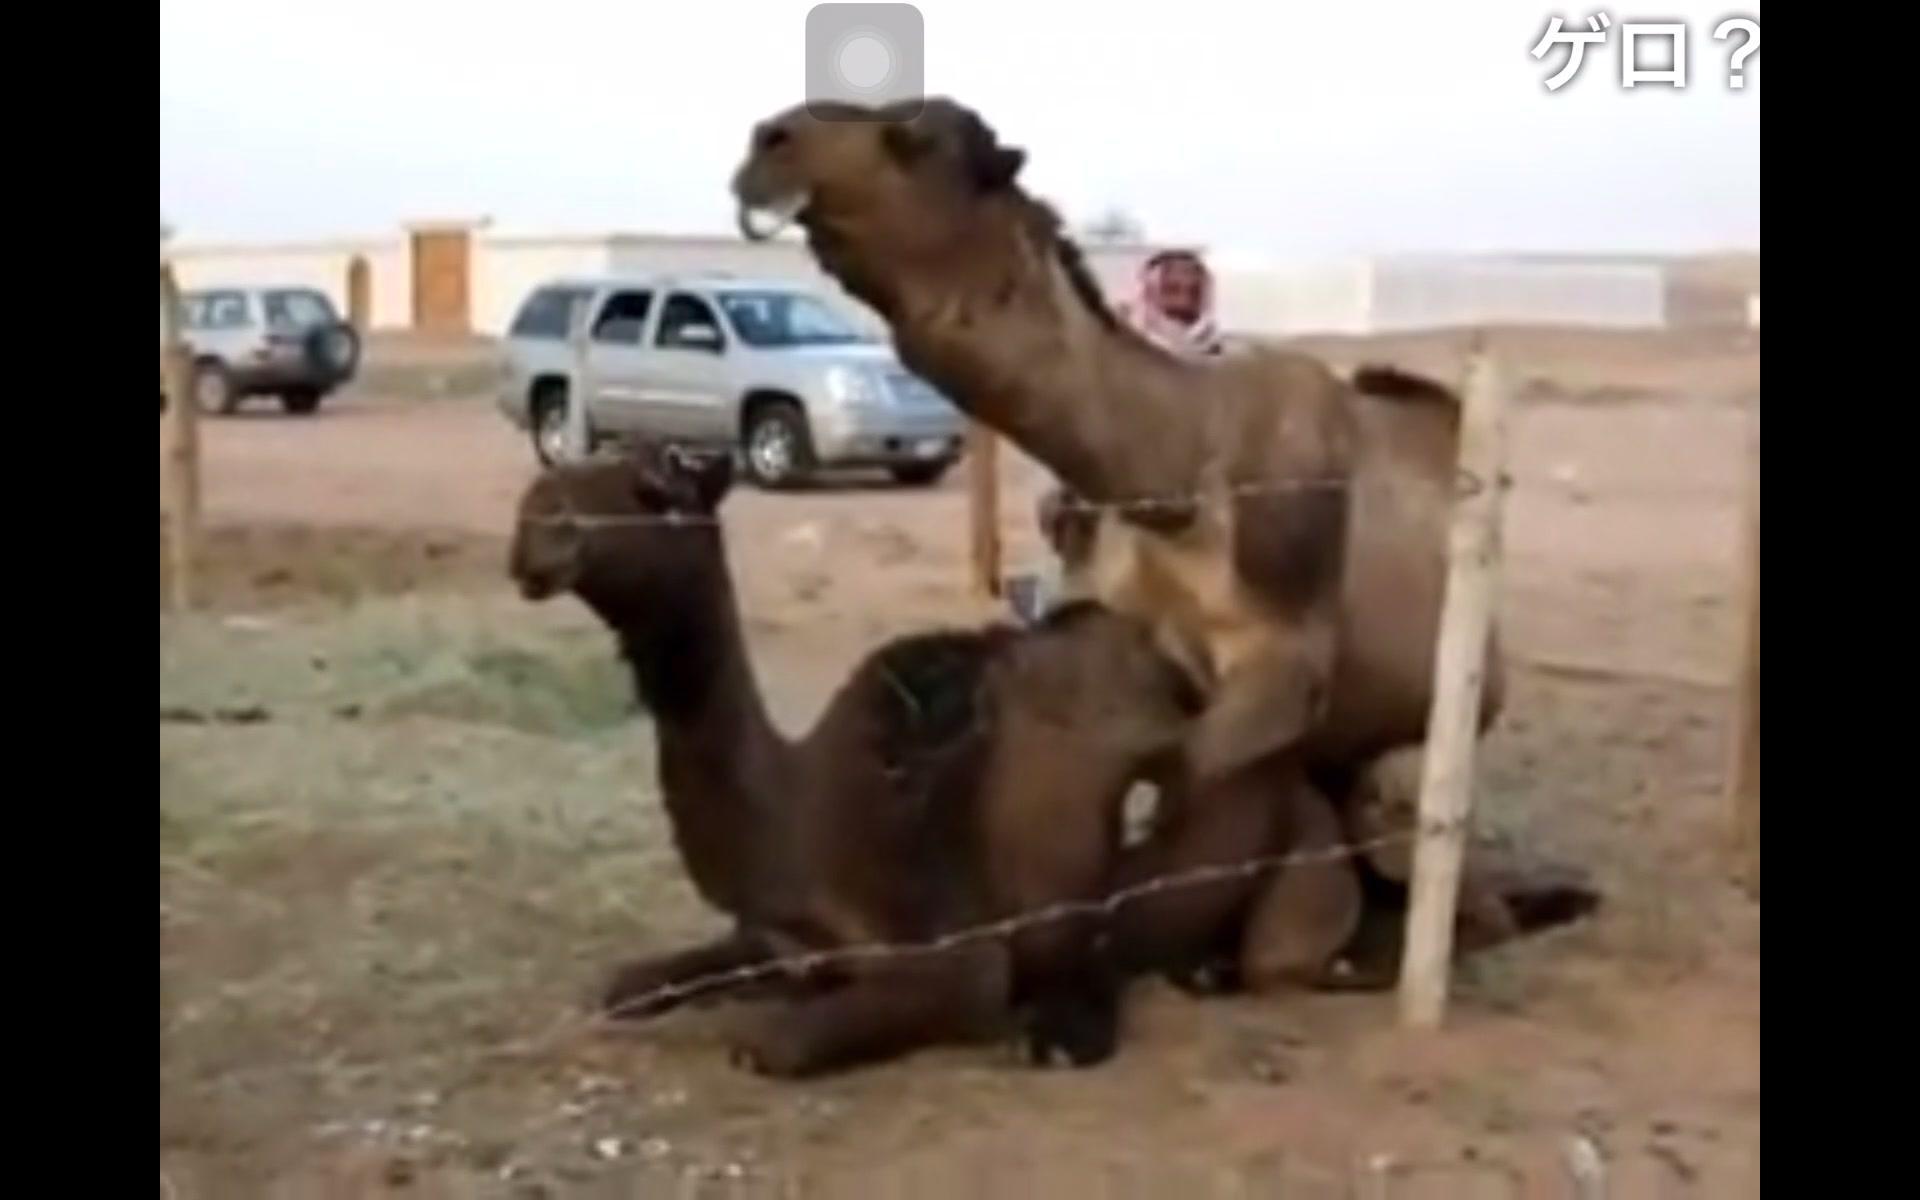 人类性交视频_日本人看骆驼交配_哔哩哔哩(゜-゜)つロ干杯~-bilibili